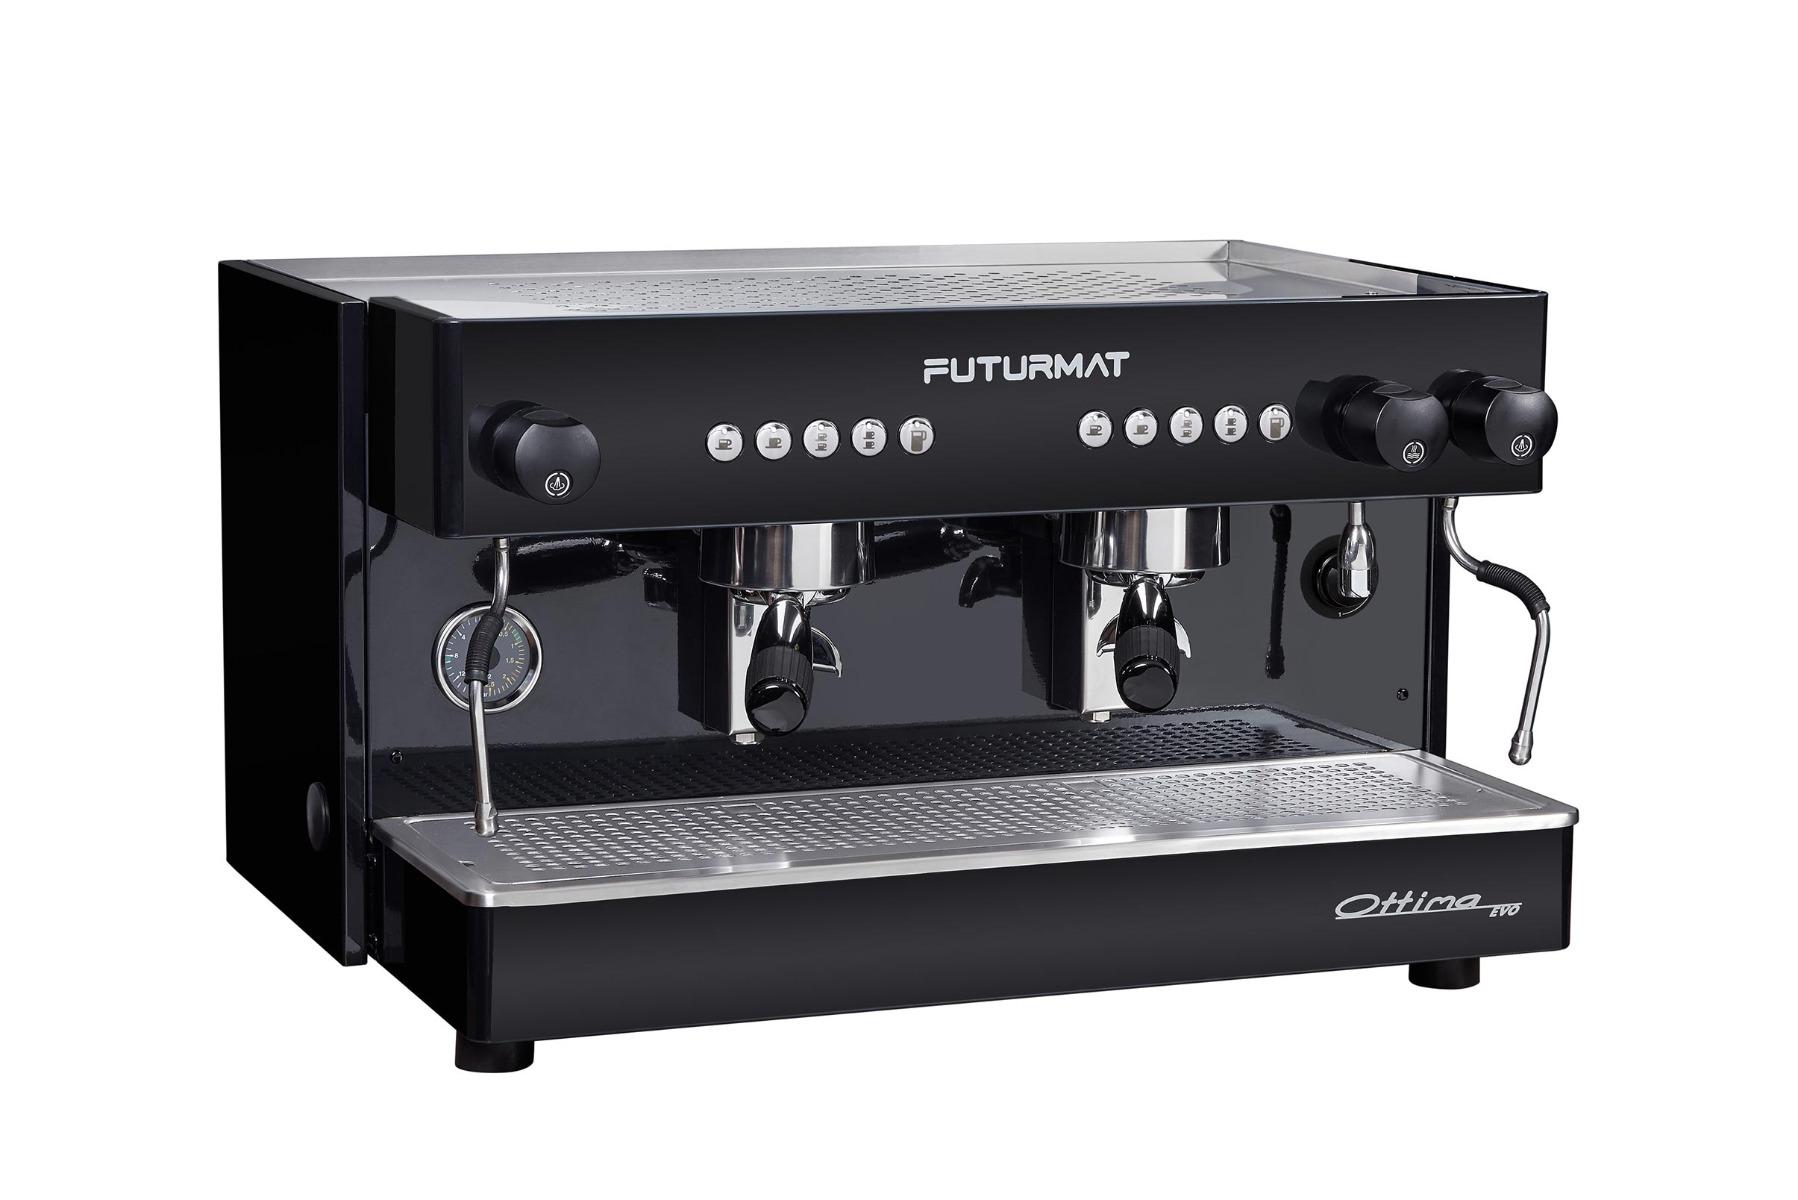 1457   Кофемашина профессиональная Futurmat Ottima Evo   Coffee Shop